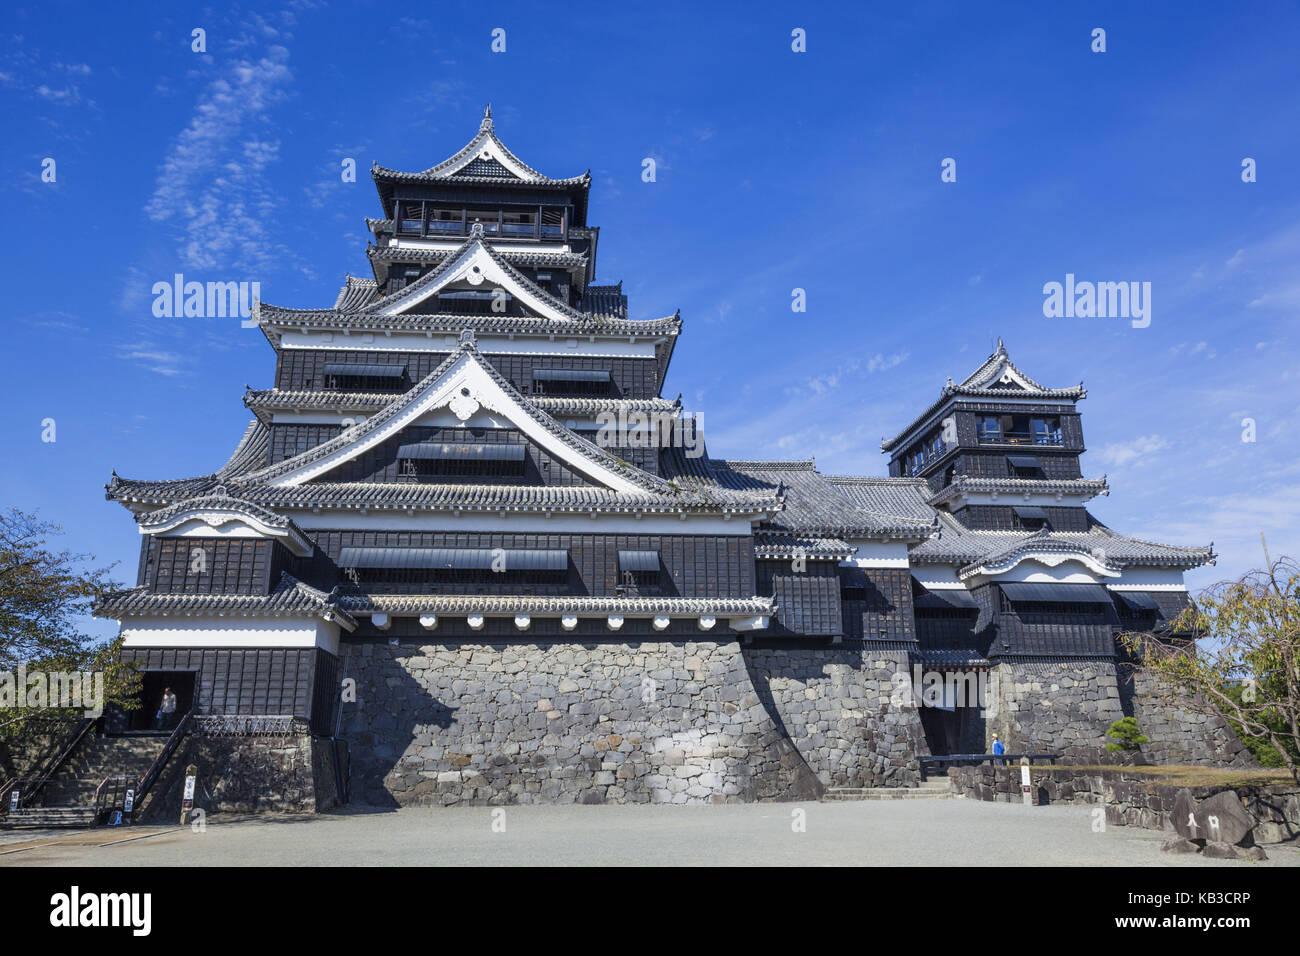 Japan, Kyushu, Kumamoto, castle Kumamoto, - Stock Image